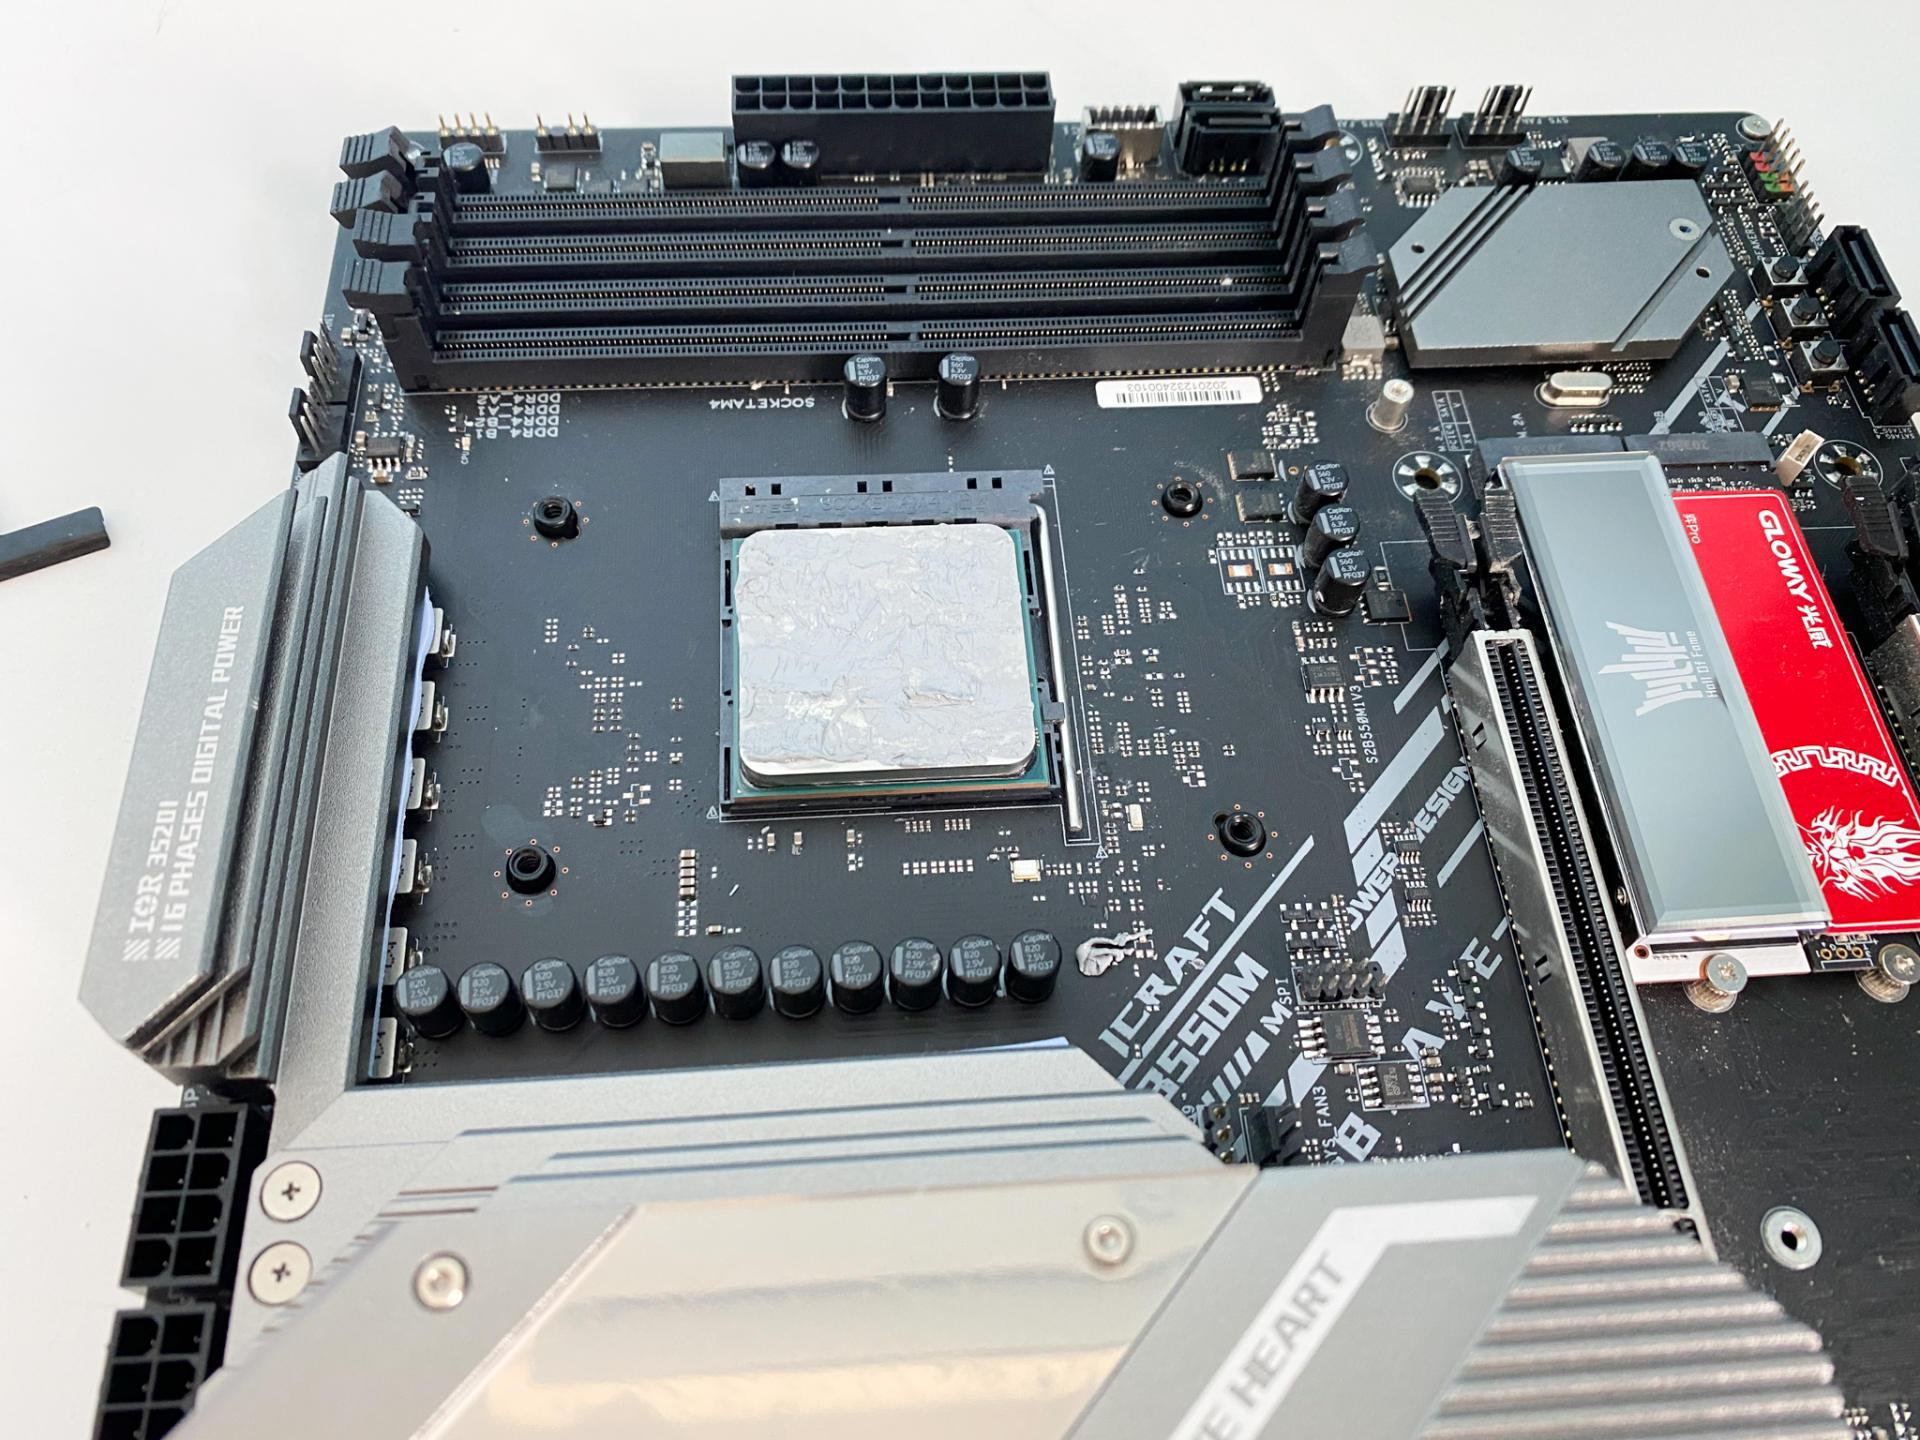 夏季電腦散熱,ZEROZONE百元風冷是否能夠勝任?實際裝機測試